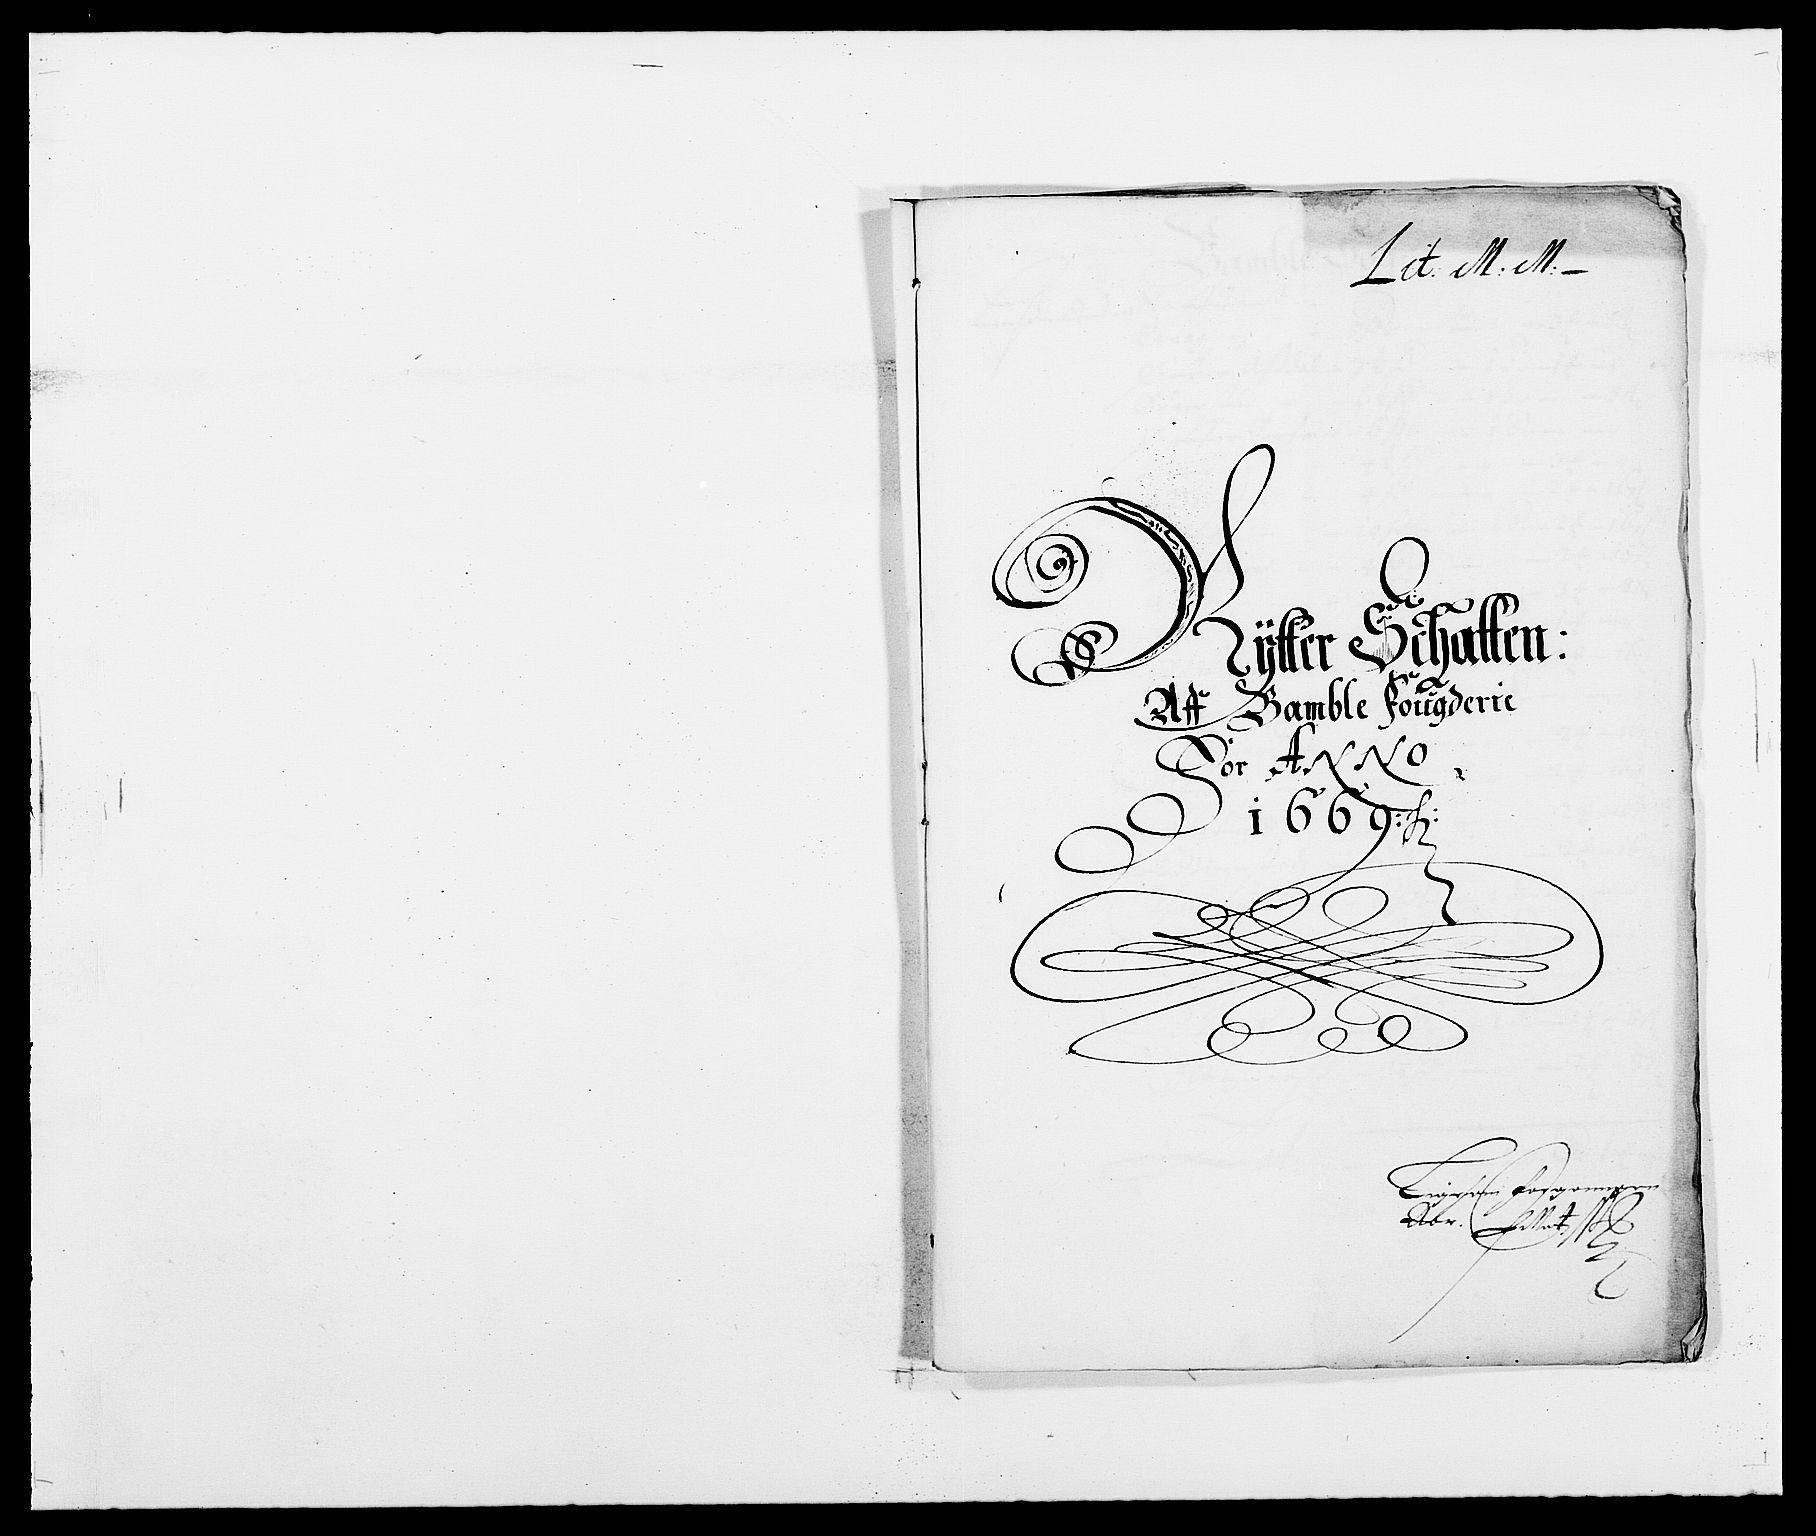 RA, Rentekammeret inntil 1814, Reviderte regnskaper, Fogderegnskap, R34/L2040: Fogderegnskap Bamble, 1662-1669, s. 160